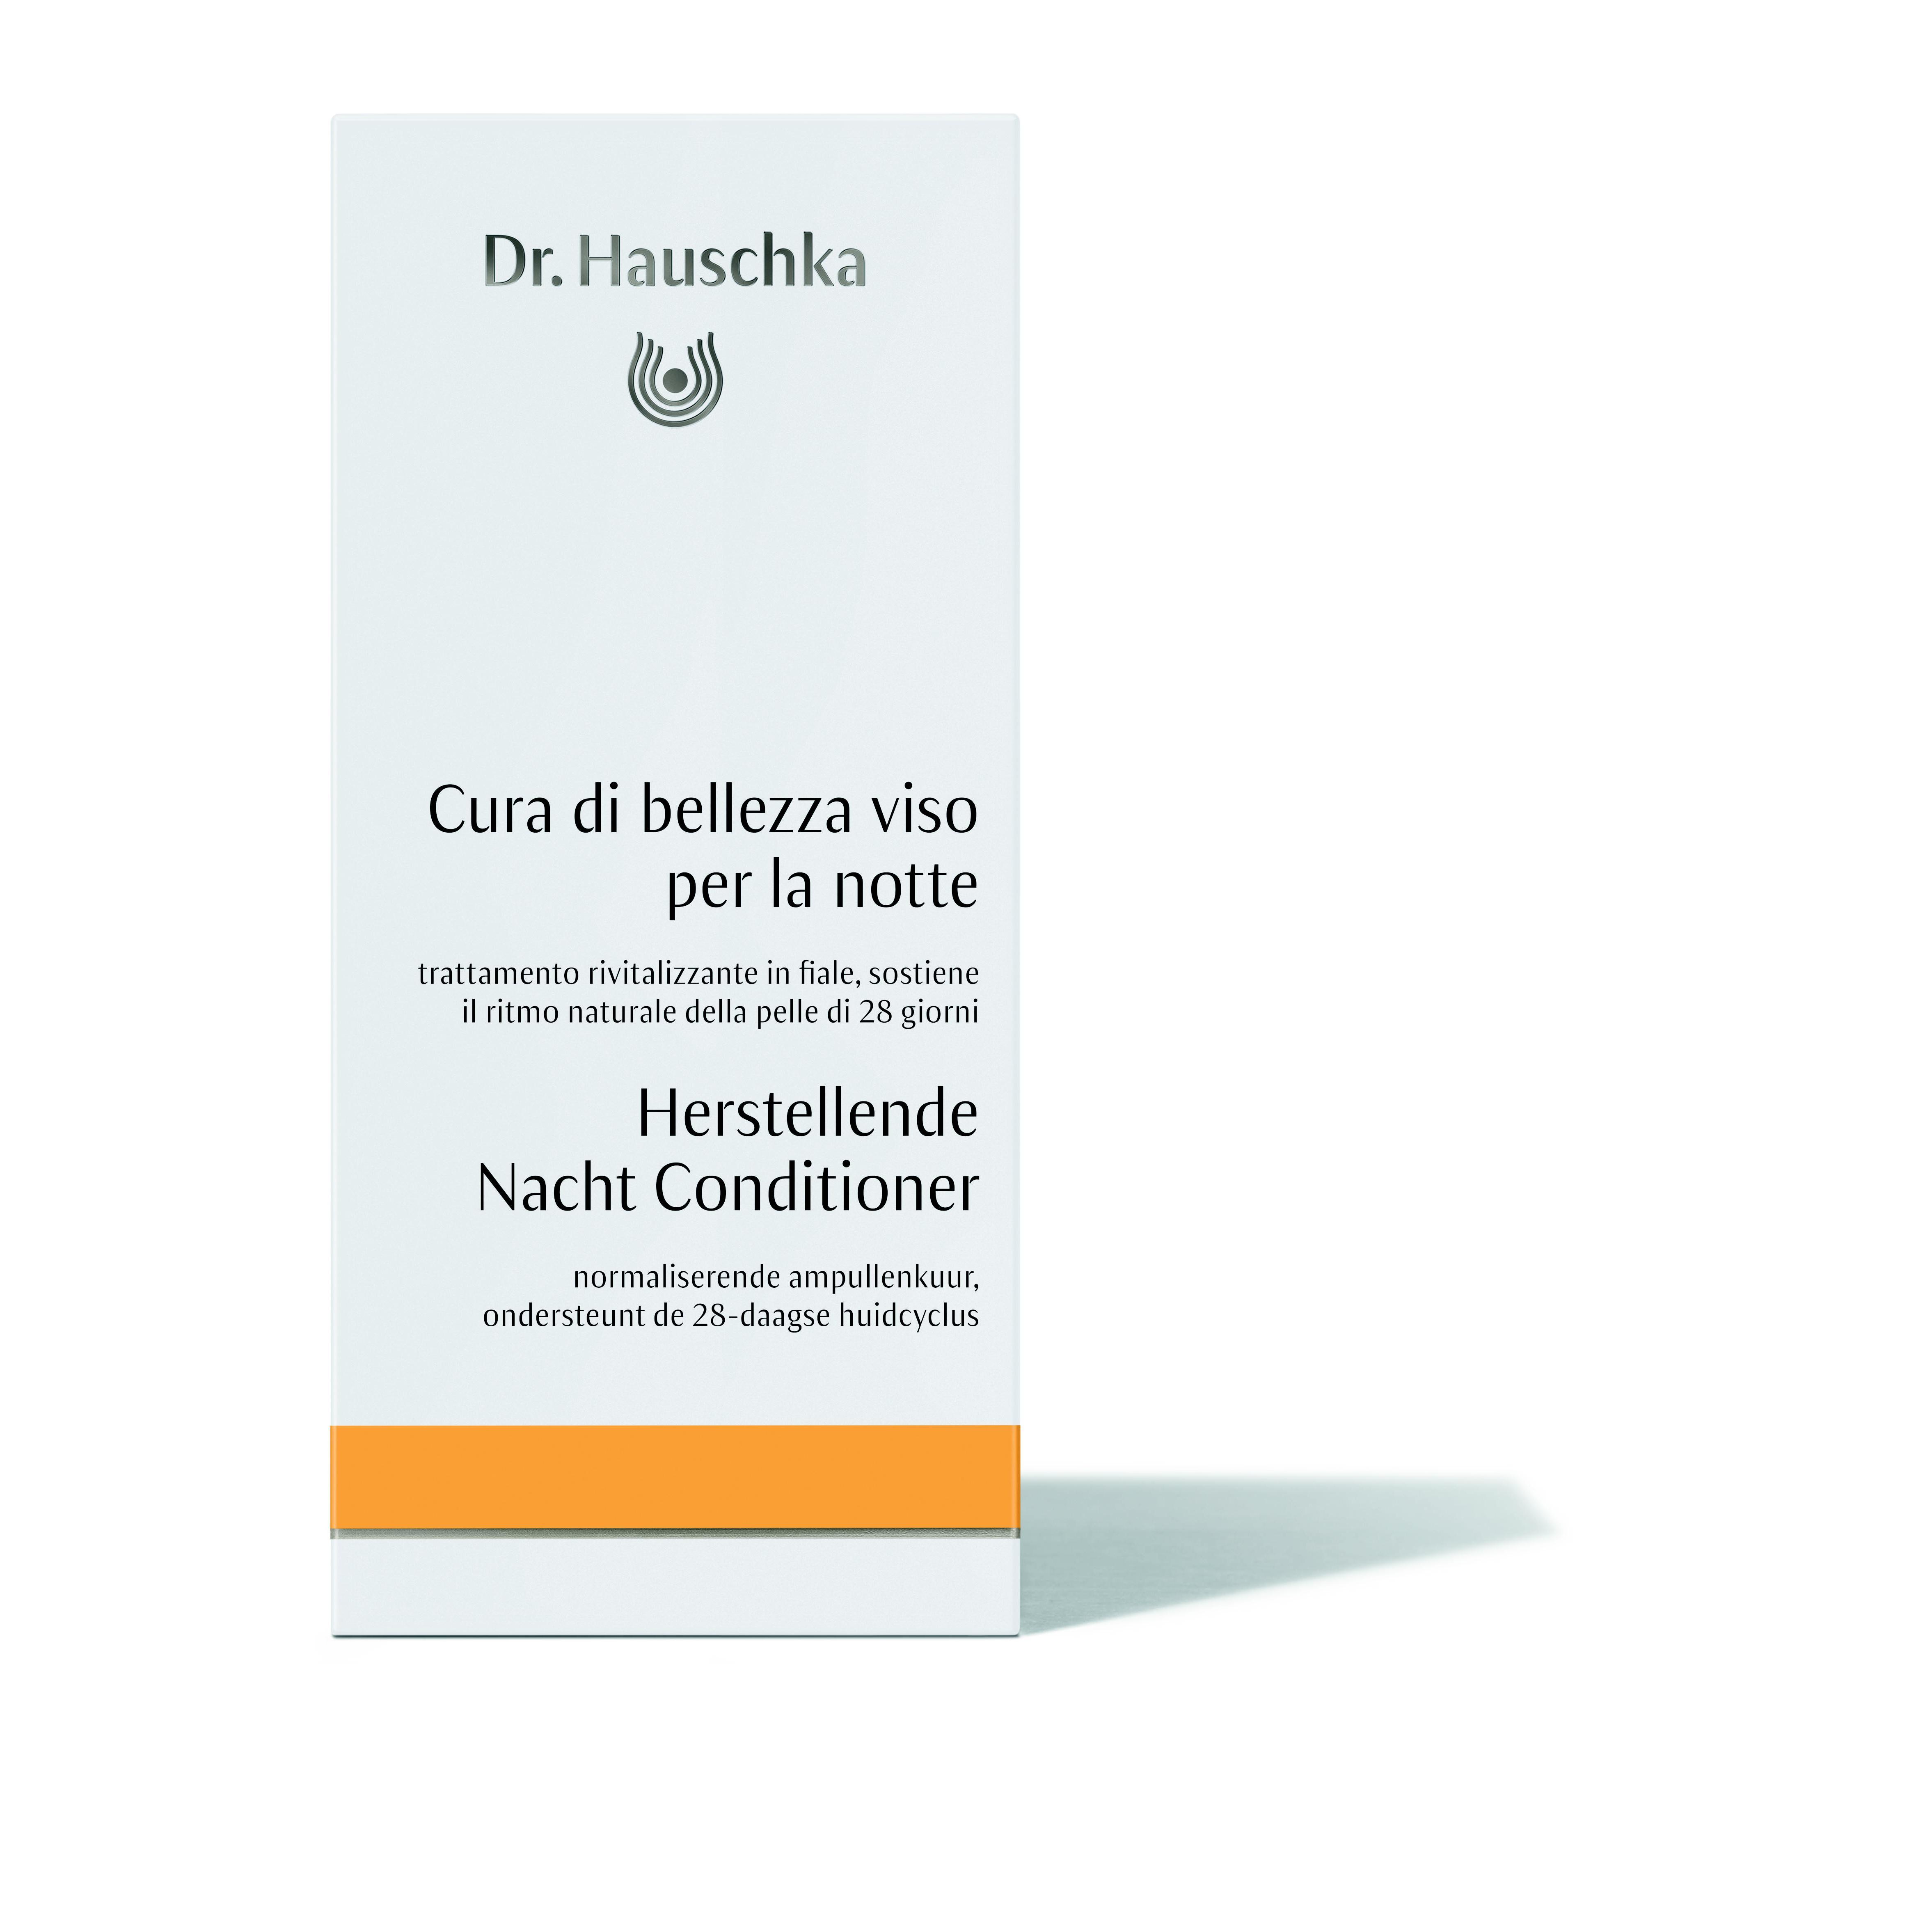 Dr Hauschka Herstellende Nacht Conditioner (voorheen: Huidconditioner N) 10 ml